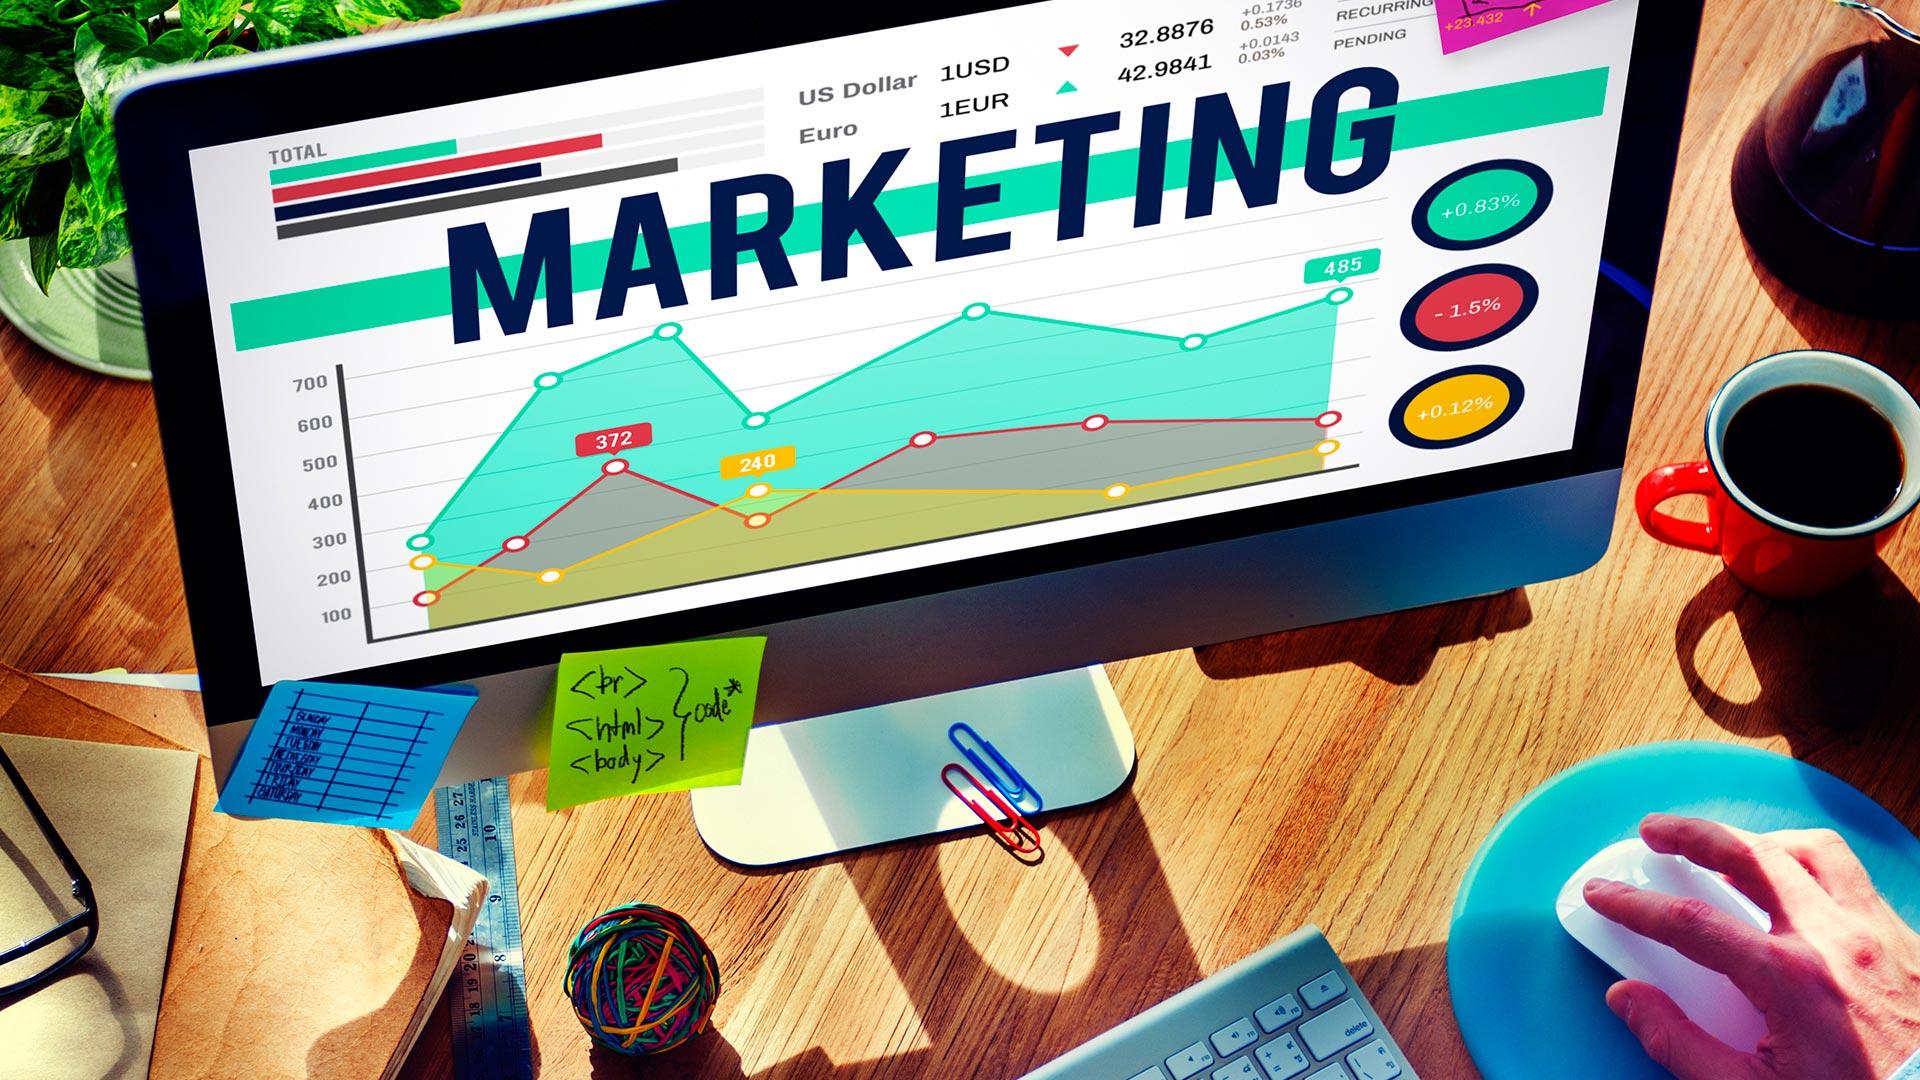 marketing coaching image